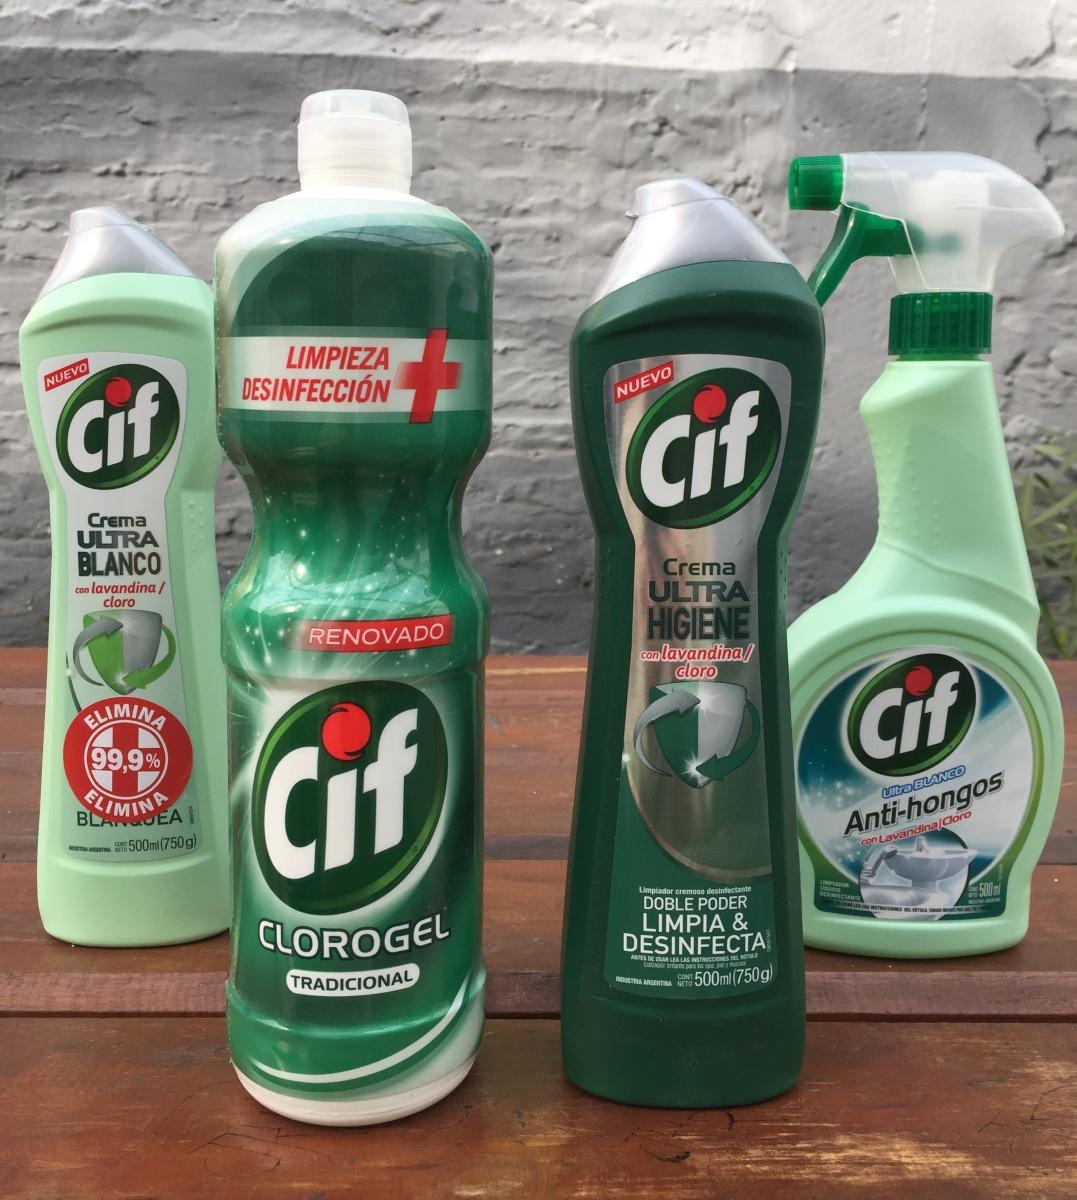 Tu salud también se protege cuidando la higiene de la casa